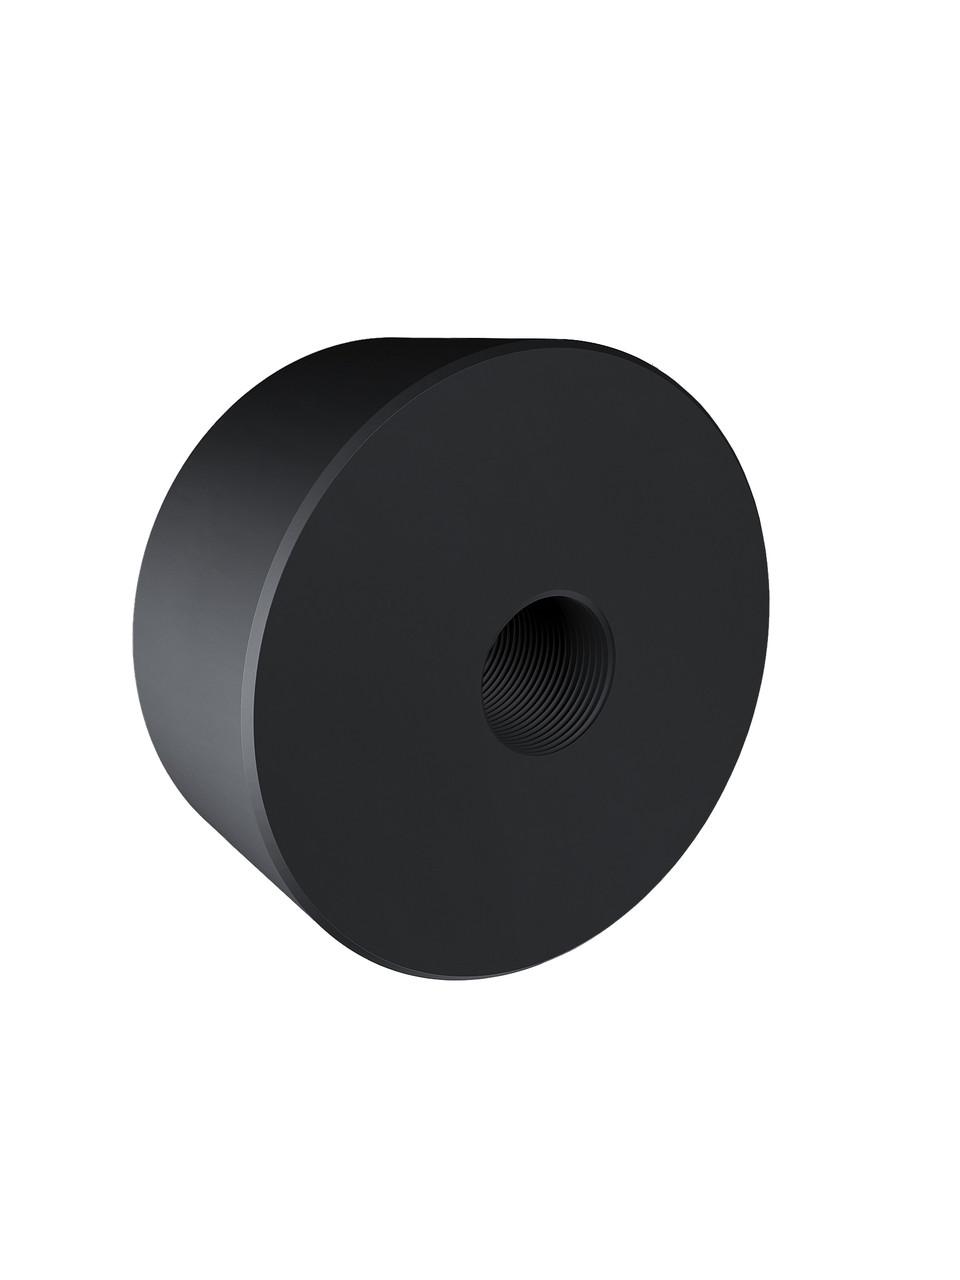 ODF-06-25-21-L20 Дистанція 20 мм для коннектора діаметром 40 мм з різьбою М8, чорний